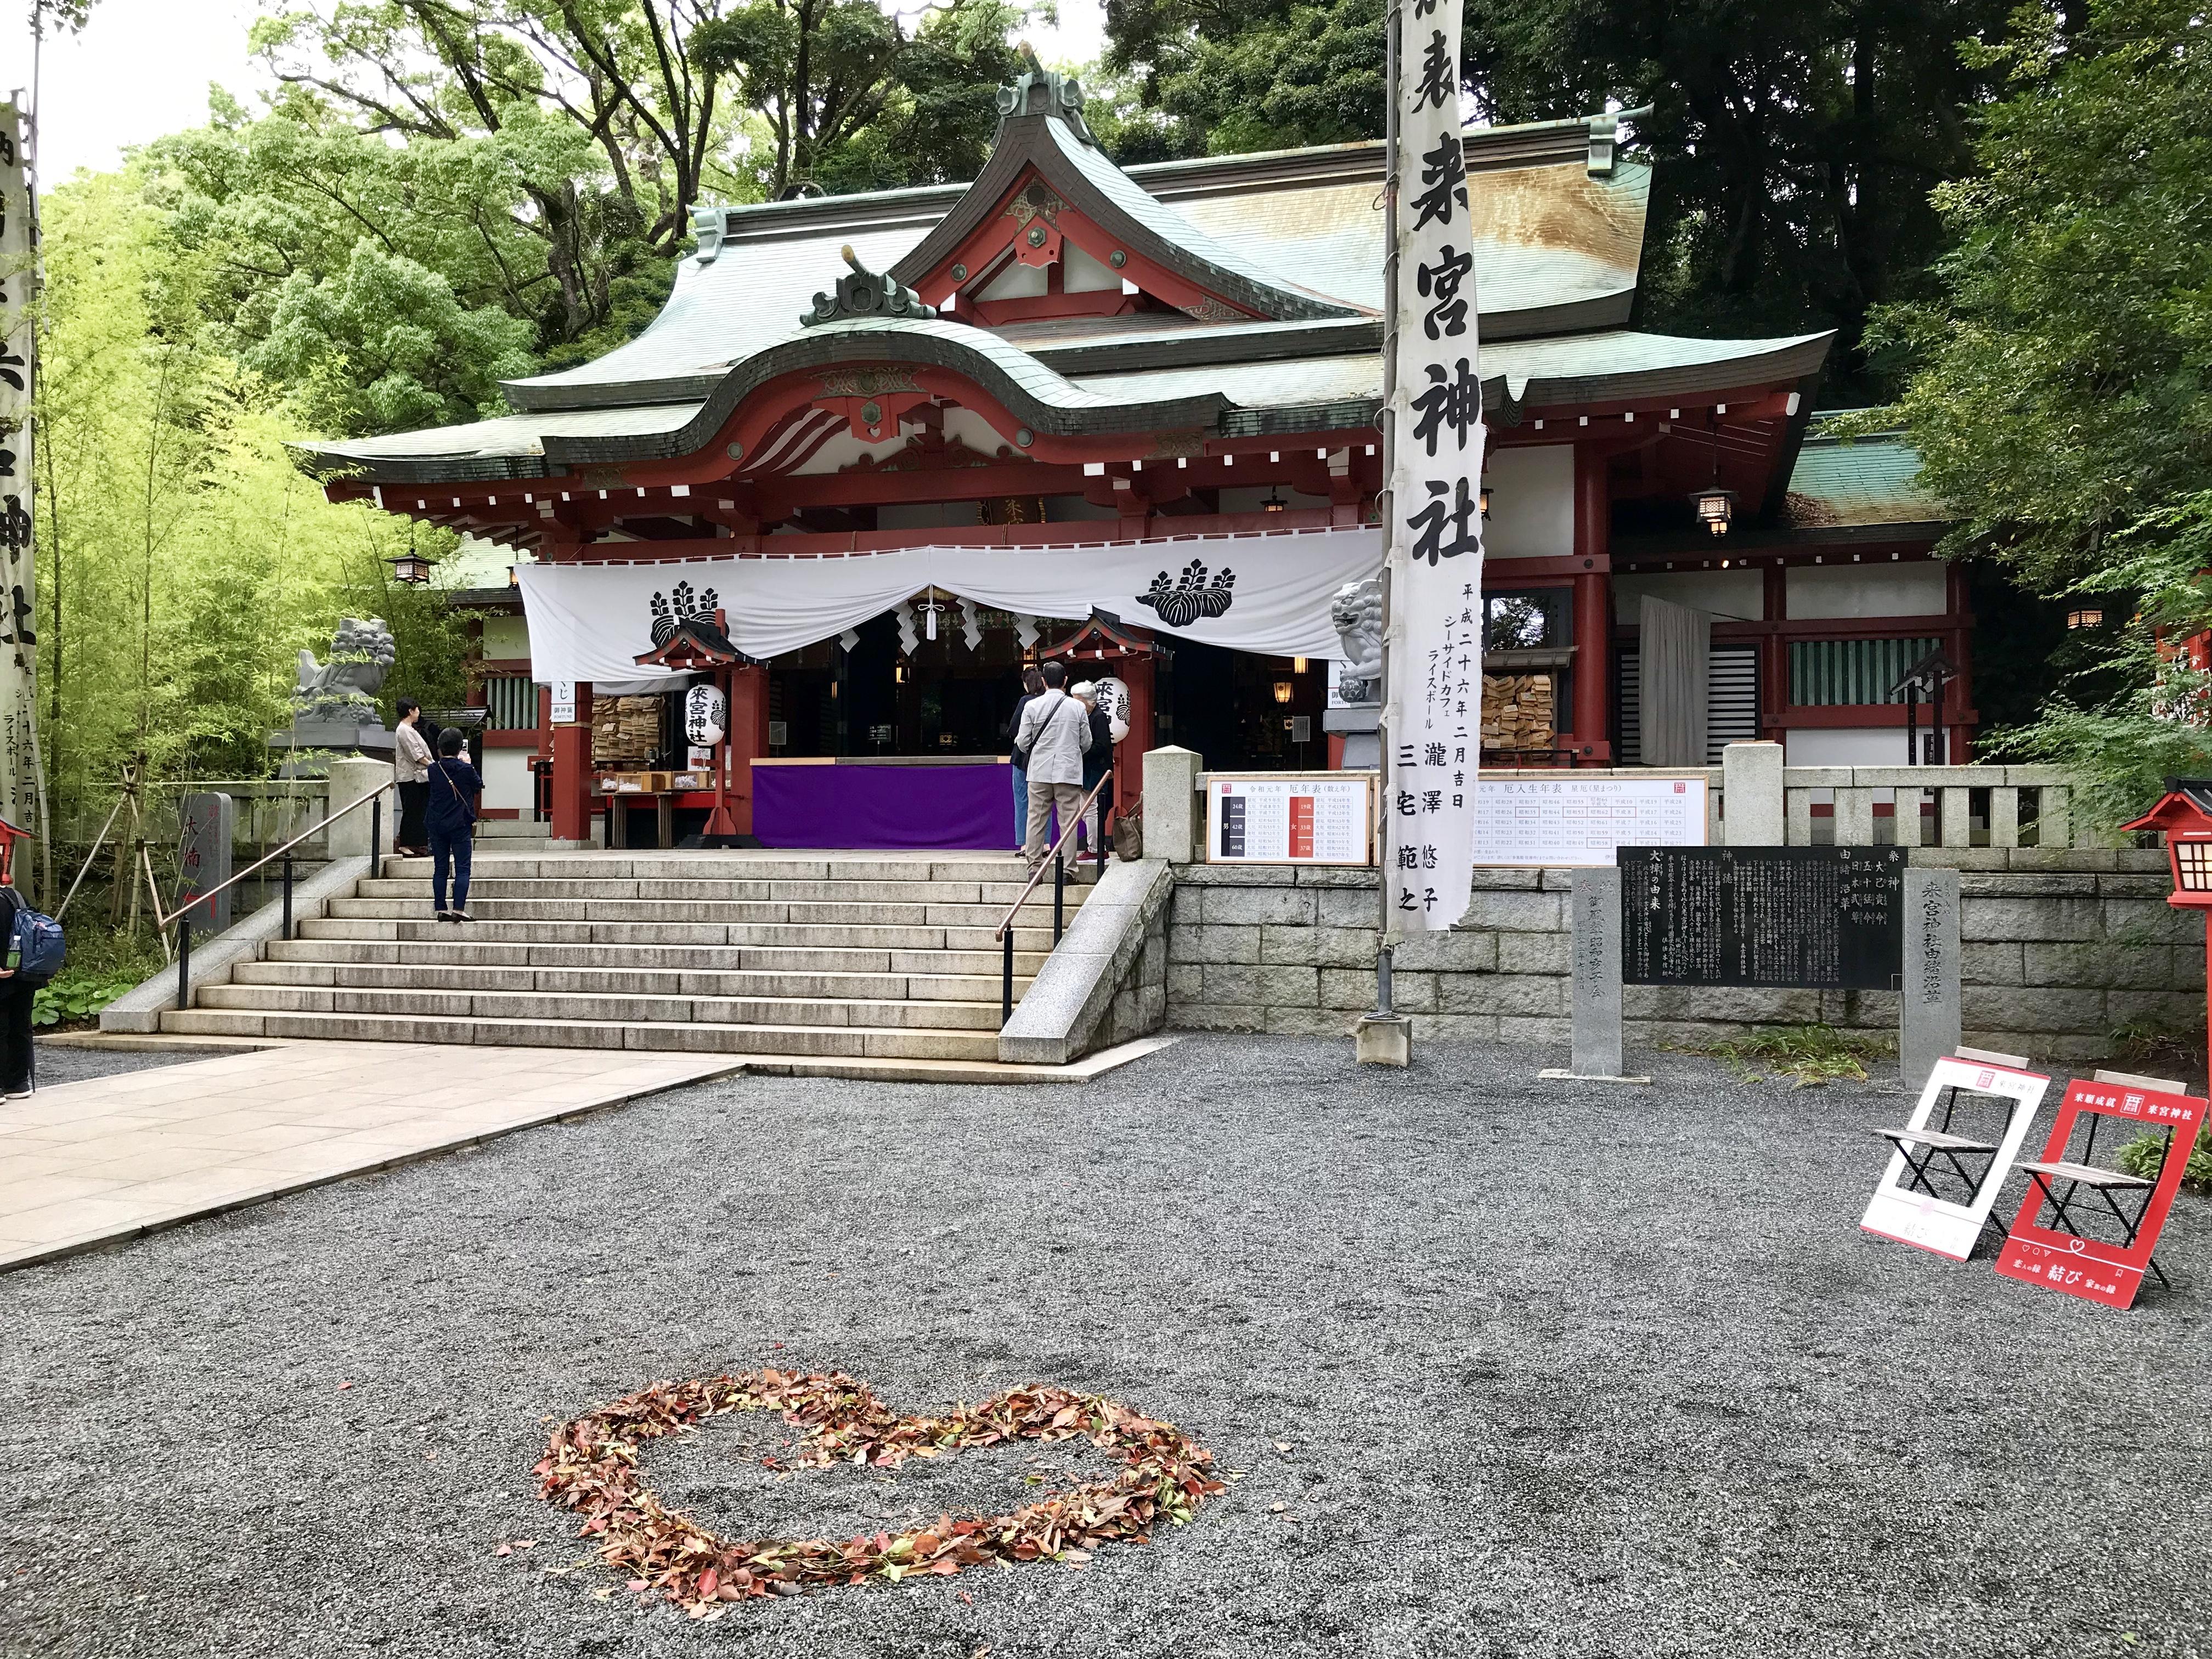 酒をやめる5つの方法その4 禁酒・断酒のご祈祷なら熱海来宮神社